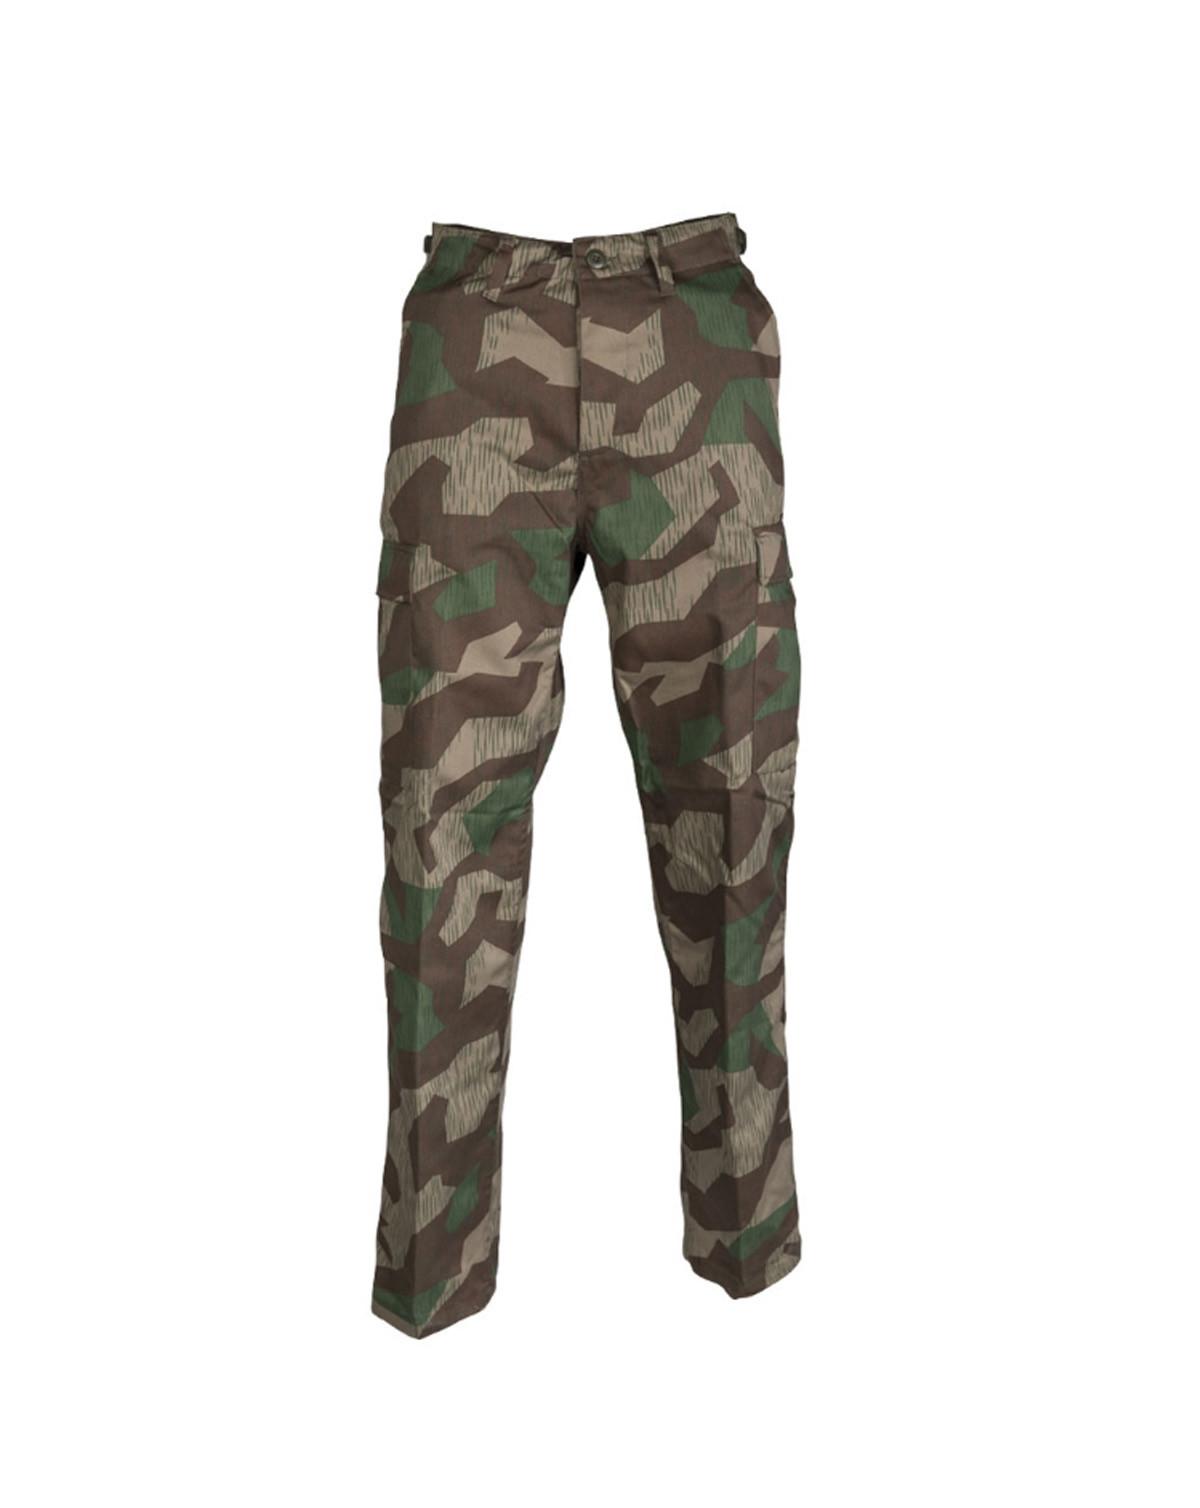 Køb Mil Tec U.S. Ranger Bukser | Fri Fragt over 600 |ARMY STAR